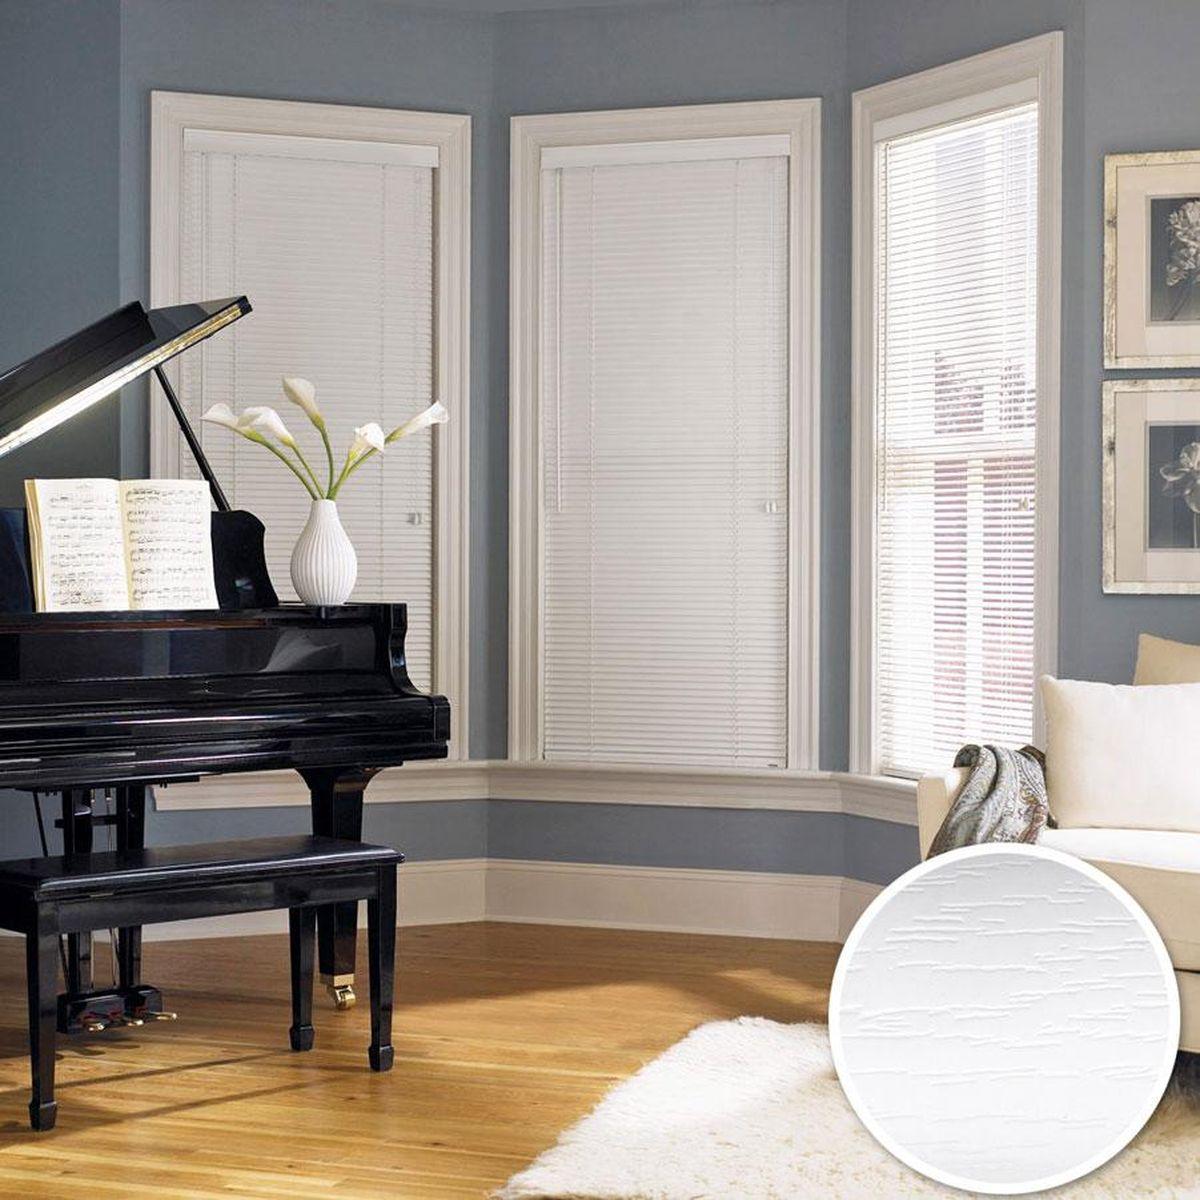 Жалюзи Эскар, цвет: белый, ширина 100 см, высота 160 смGC204/30Для того чтобы придать интерьеру изюминку и завершенность, нет ничего лучше, чем использовать жалюзи на окнах квартиры, дома или офиса. С их помощью можно подчеркнуть индивидуальный вкус, а также стилевое оформление помещения. Помимо декоративных функций, жалюзи выполняют и практические задачи: они защищают от излишнего солнечного света, не дают помещению нагреваться, а также создают уют в темное время суток.Пластиковые жалюзи - самое универсальное и недорогое решение для любого помещения. Купить их может каждый, а широкий выбор размеров под самые популярные габариты сделает покупку простой и удобной. Пластиковые жалюзи имеют высокие эксплуатационные характеристики - они гигиеничны, что делает их незаменимыми при монтаже в детских и медицинских учреждениях.